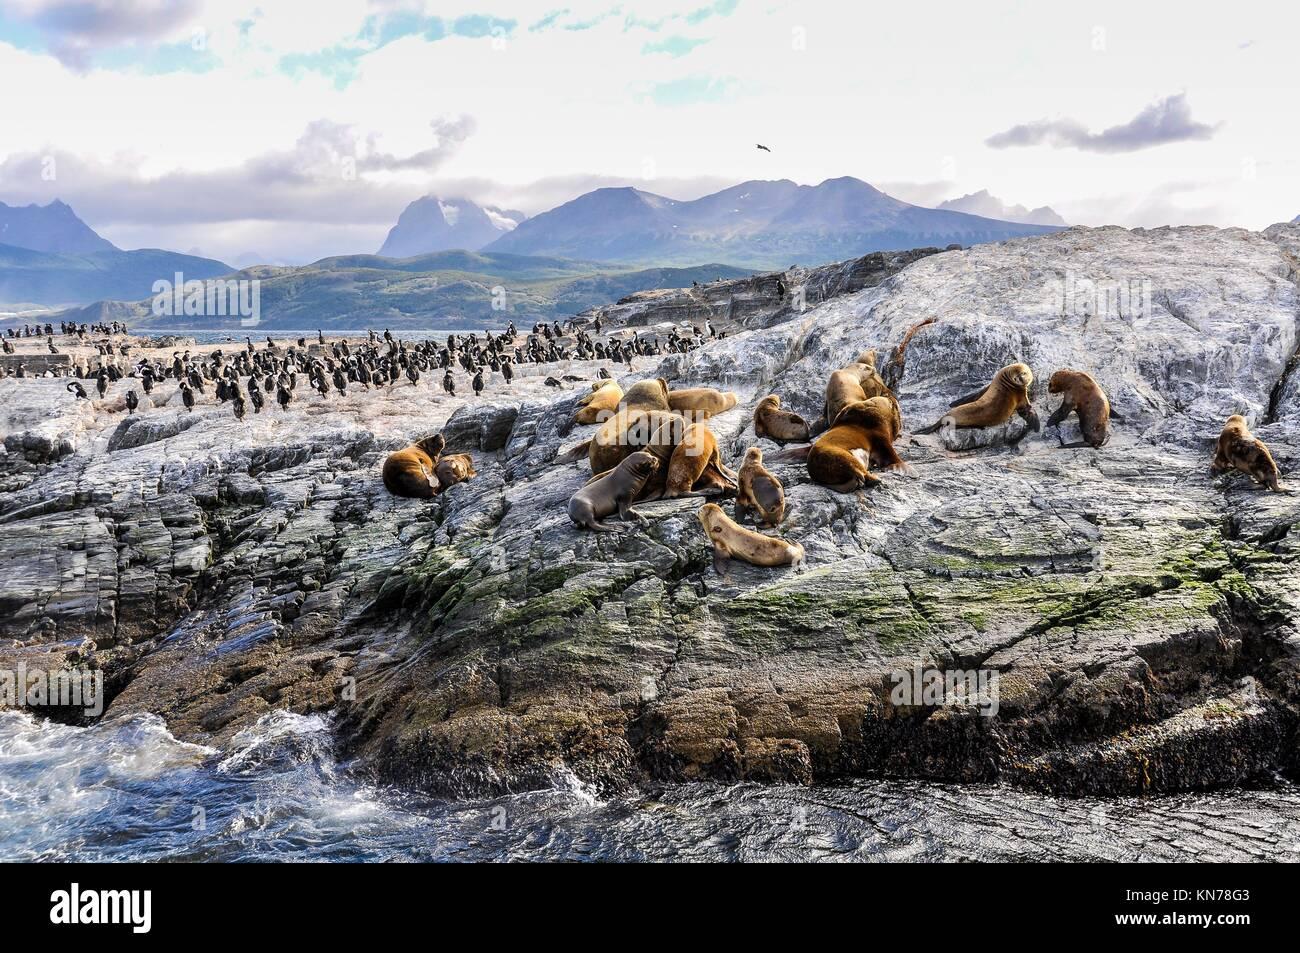 Un gran grupo de focas y leones marinos, el Canal de Beagle, Ushuaia, Argentina. Foto de stock